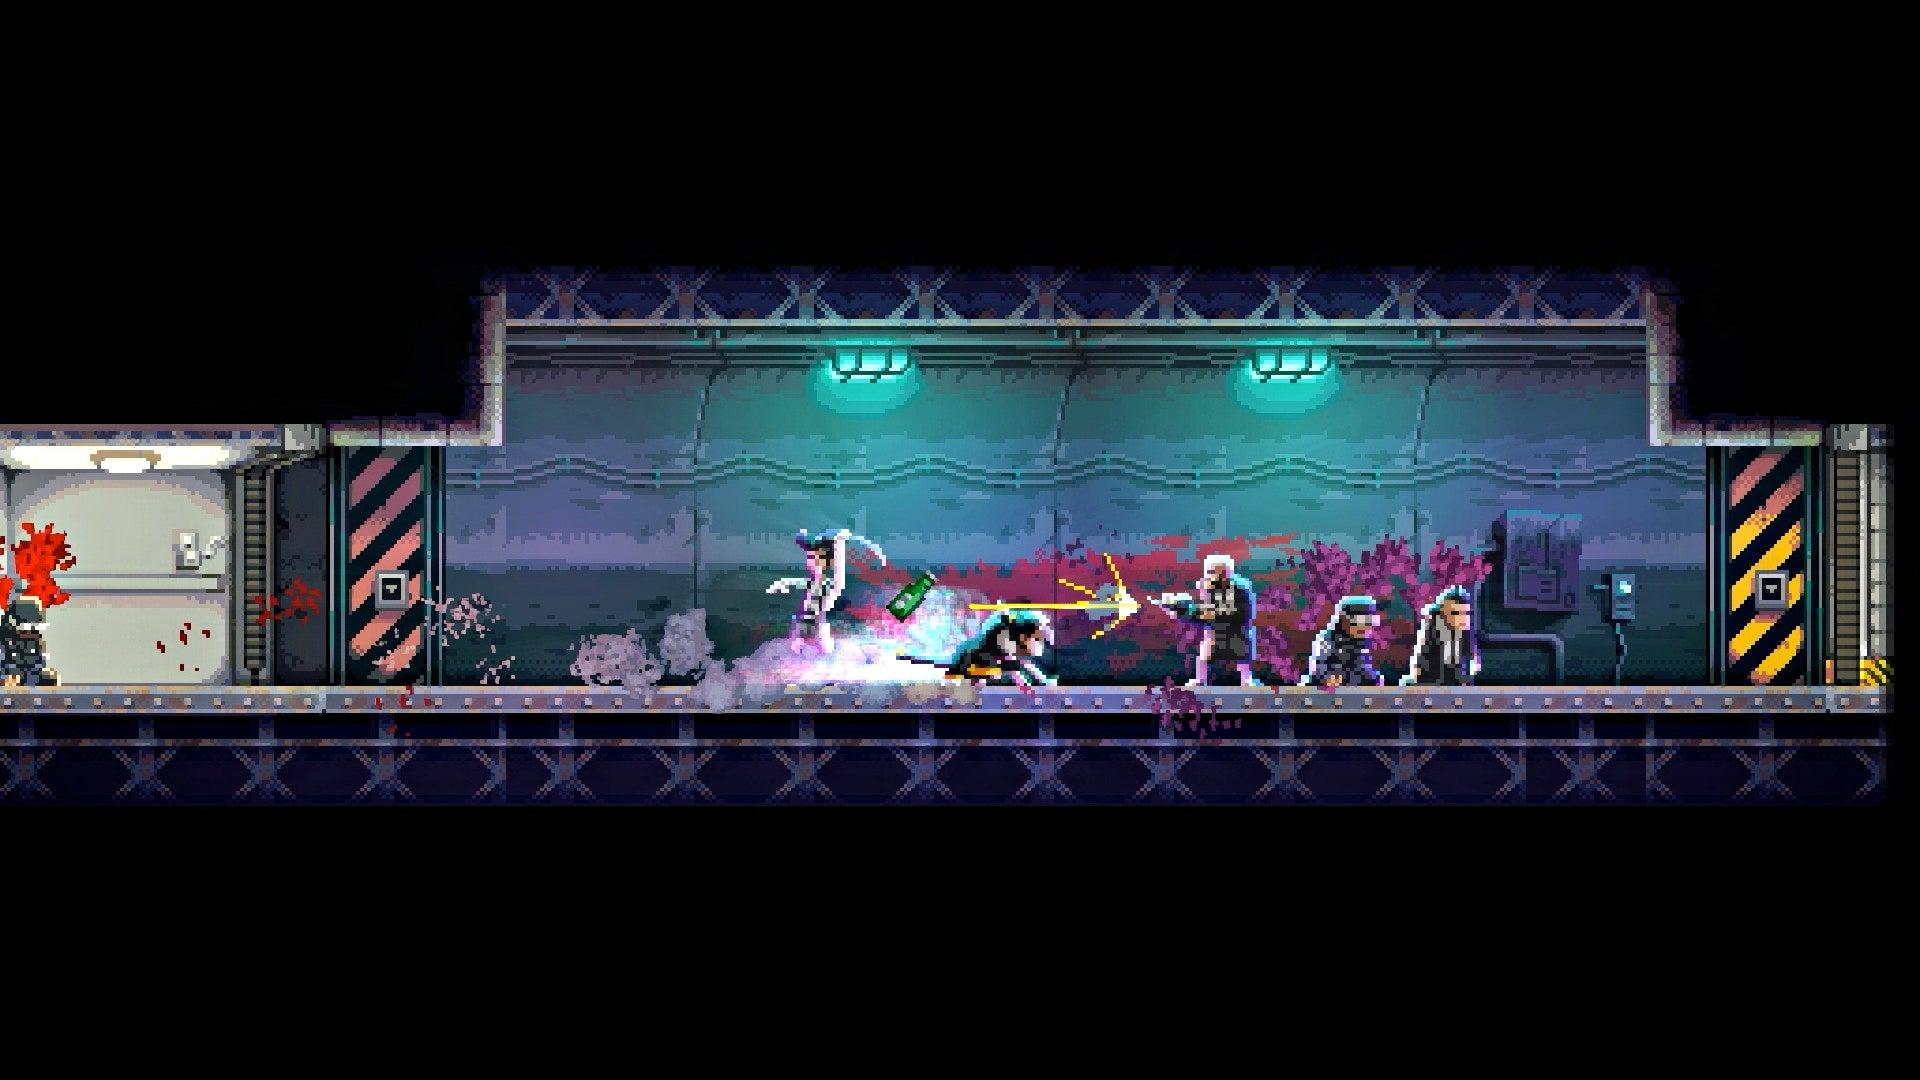 A Cyberpunk Ninja Game Where You Manipulate Time